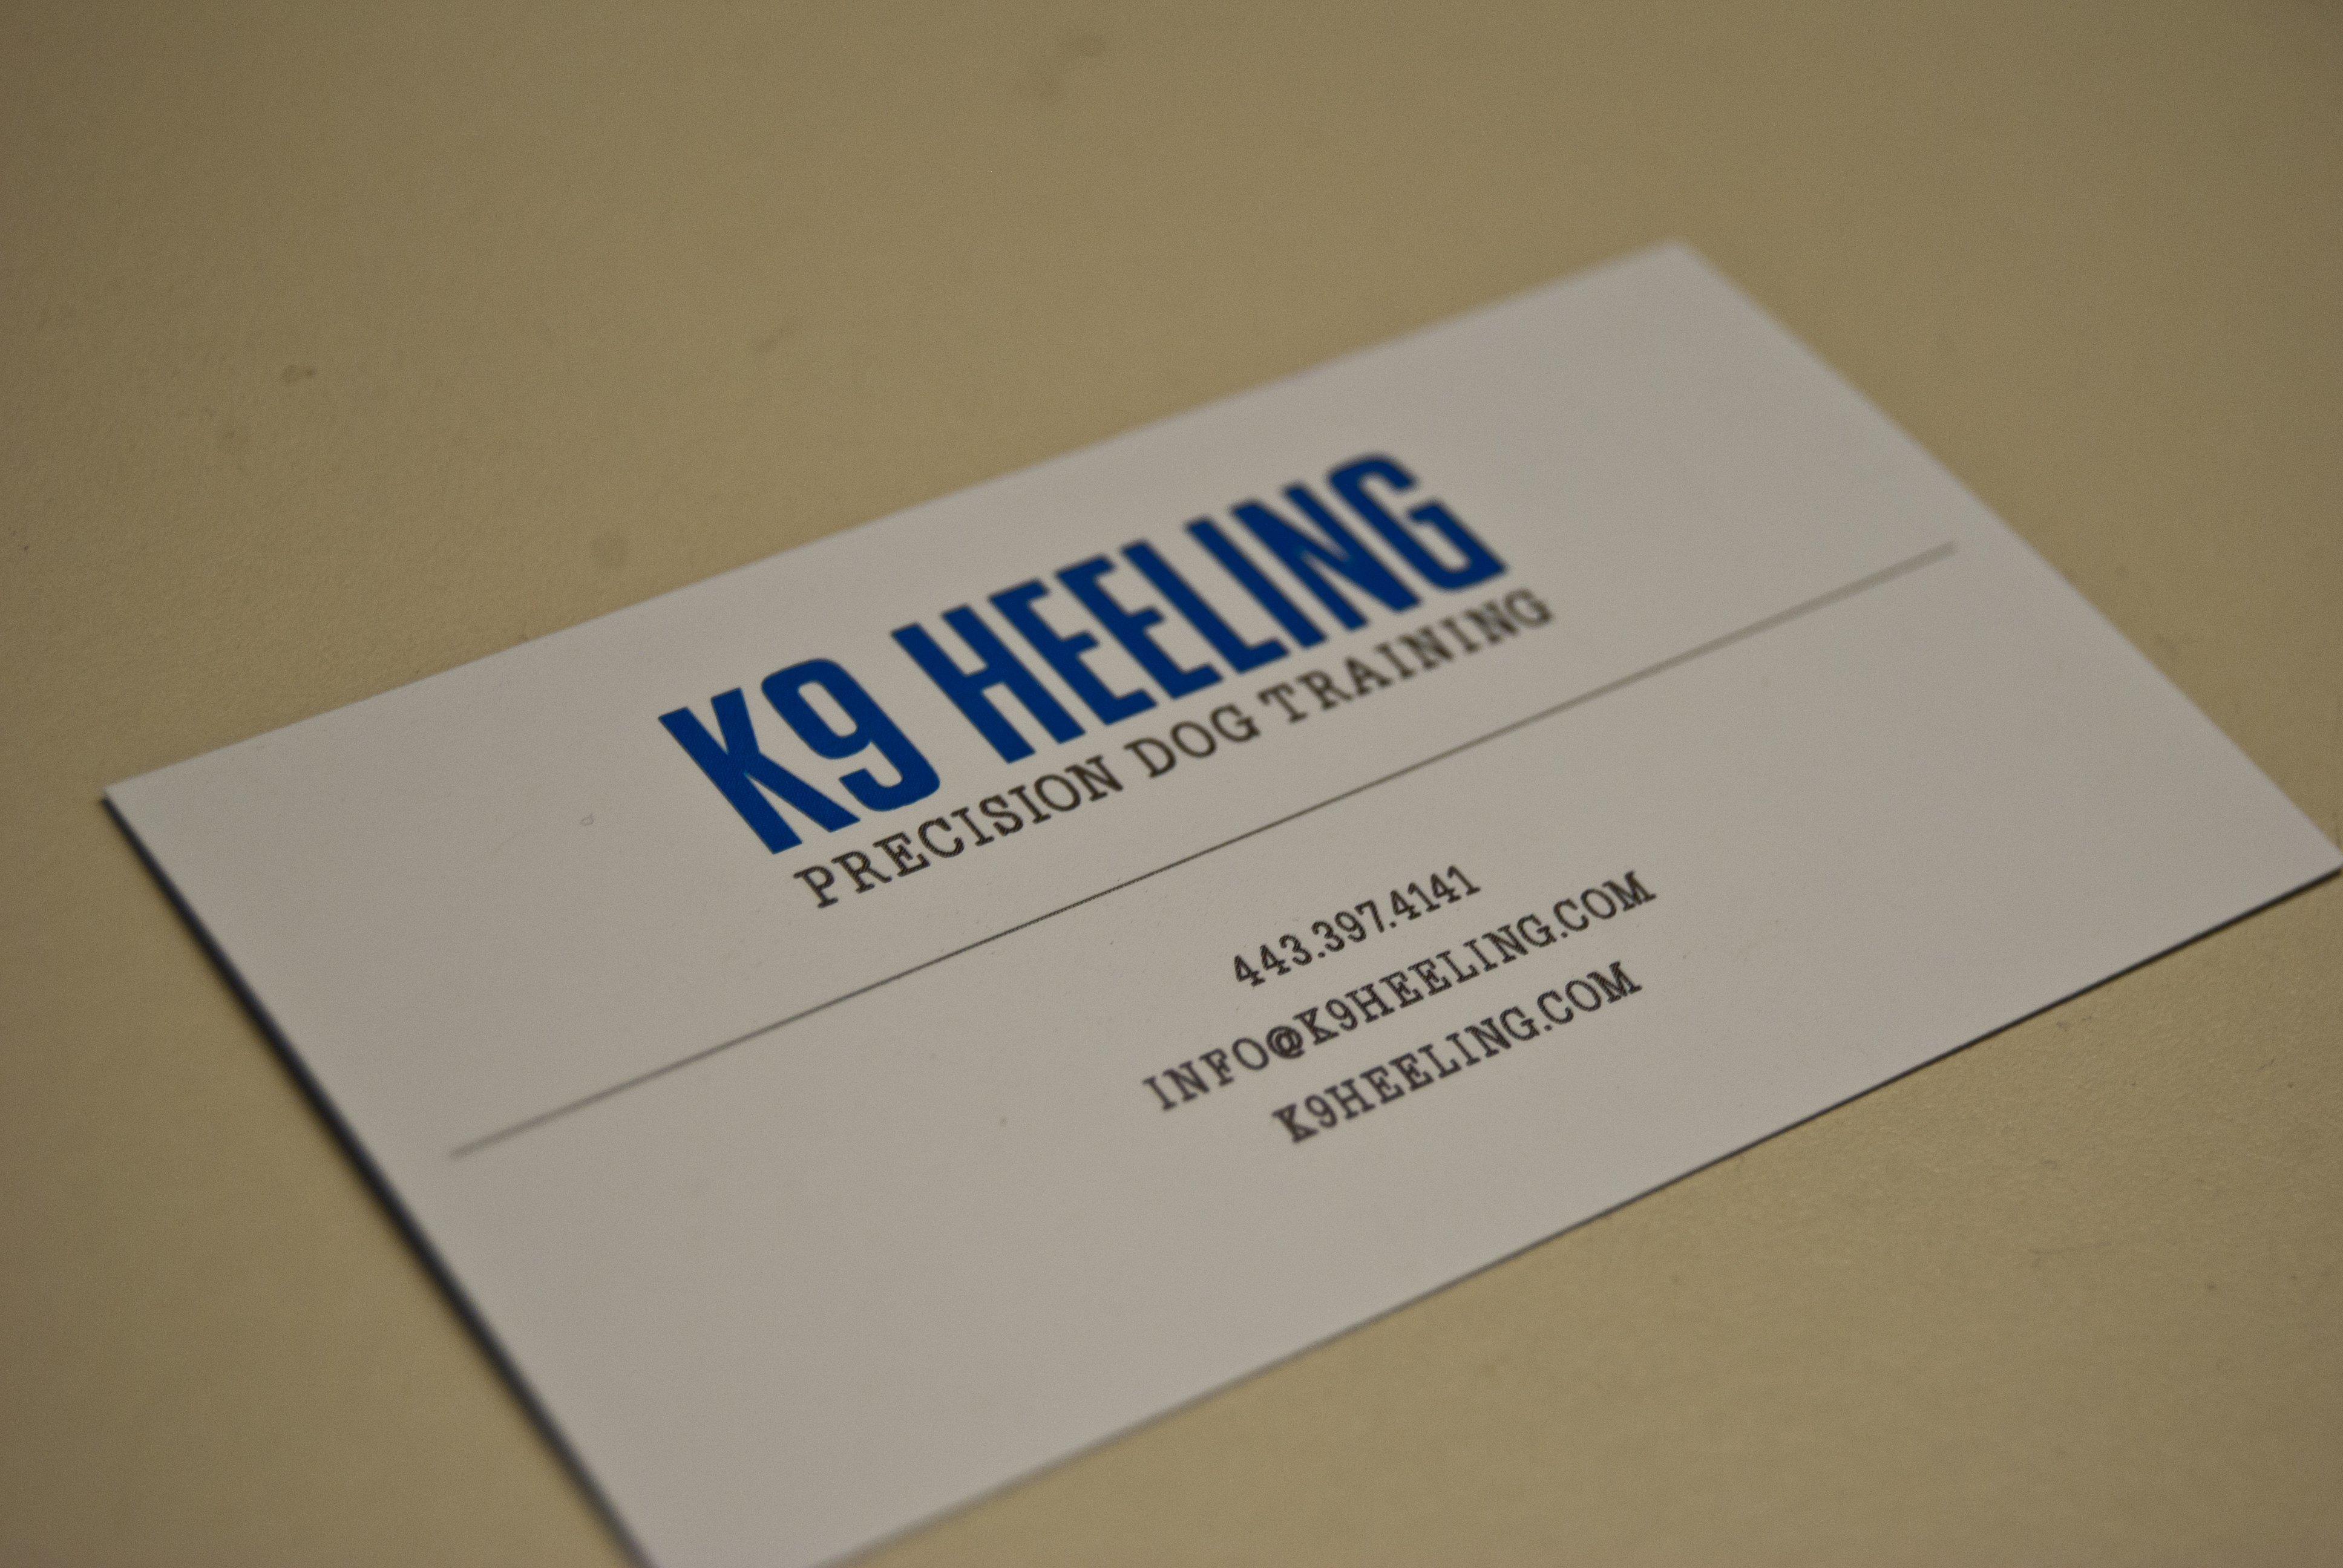 behind the scenes at k9 heeling